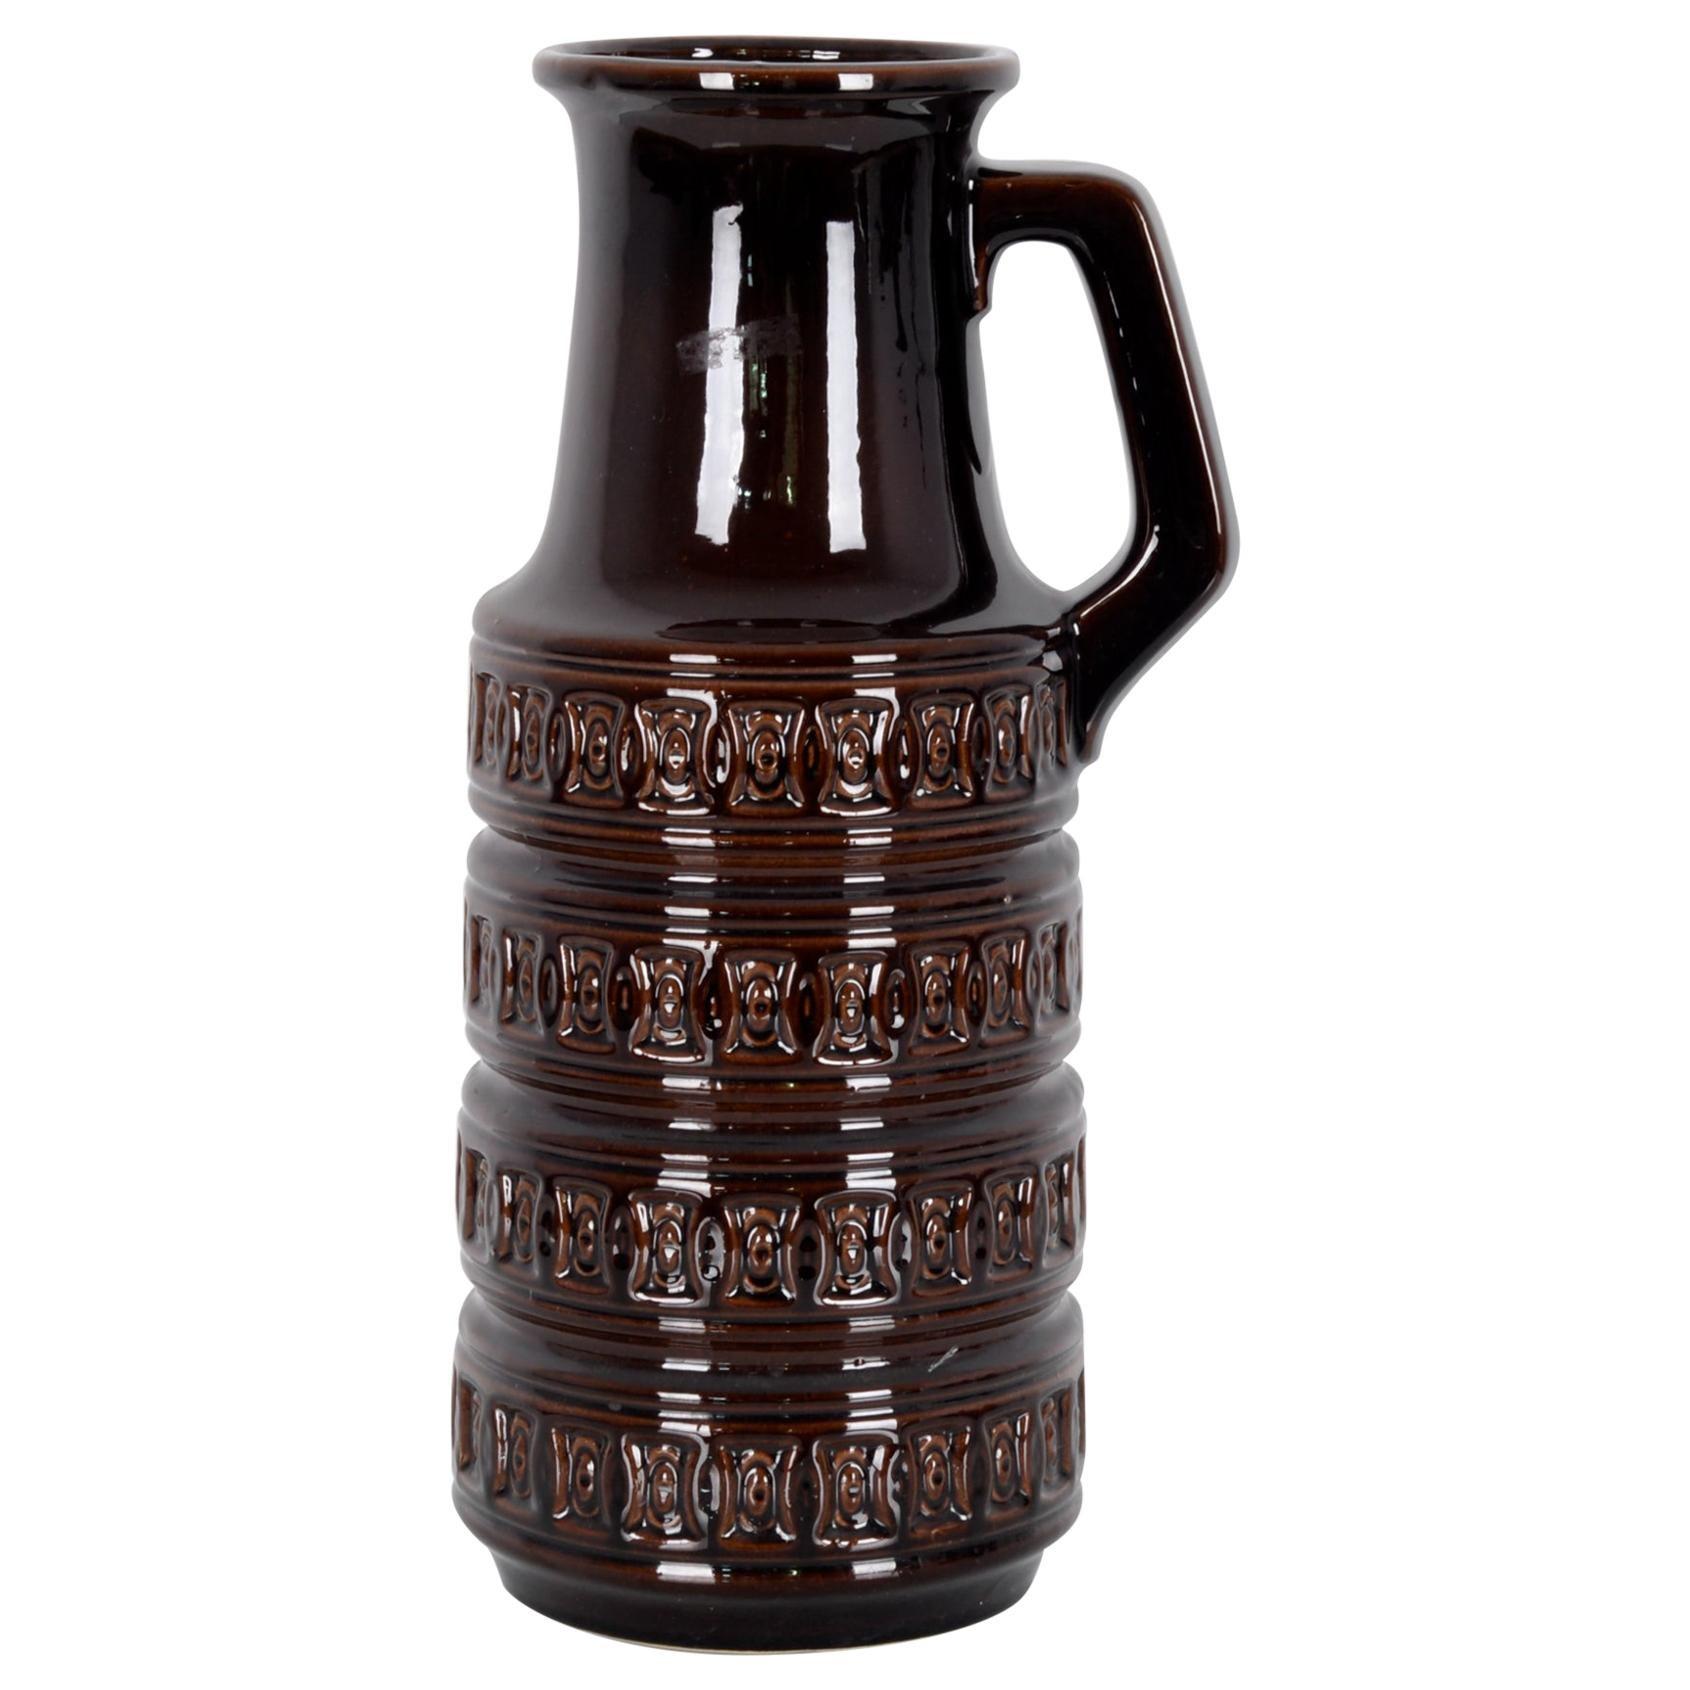 1950s West German Brown Ceramic Vase